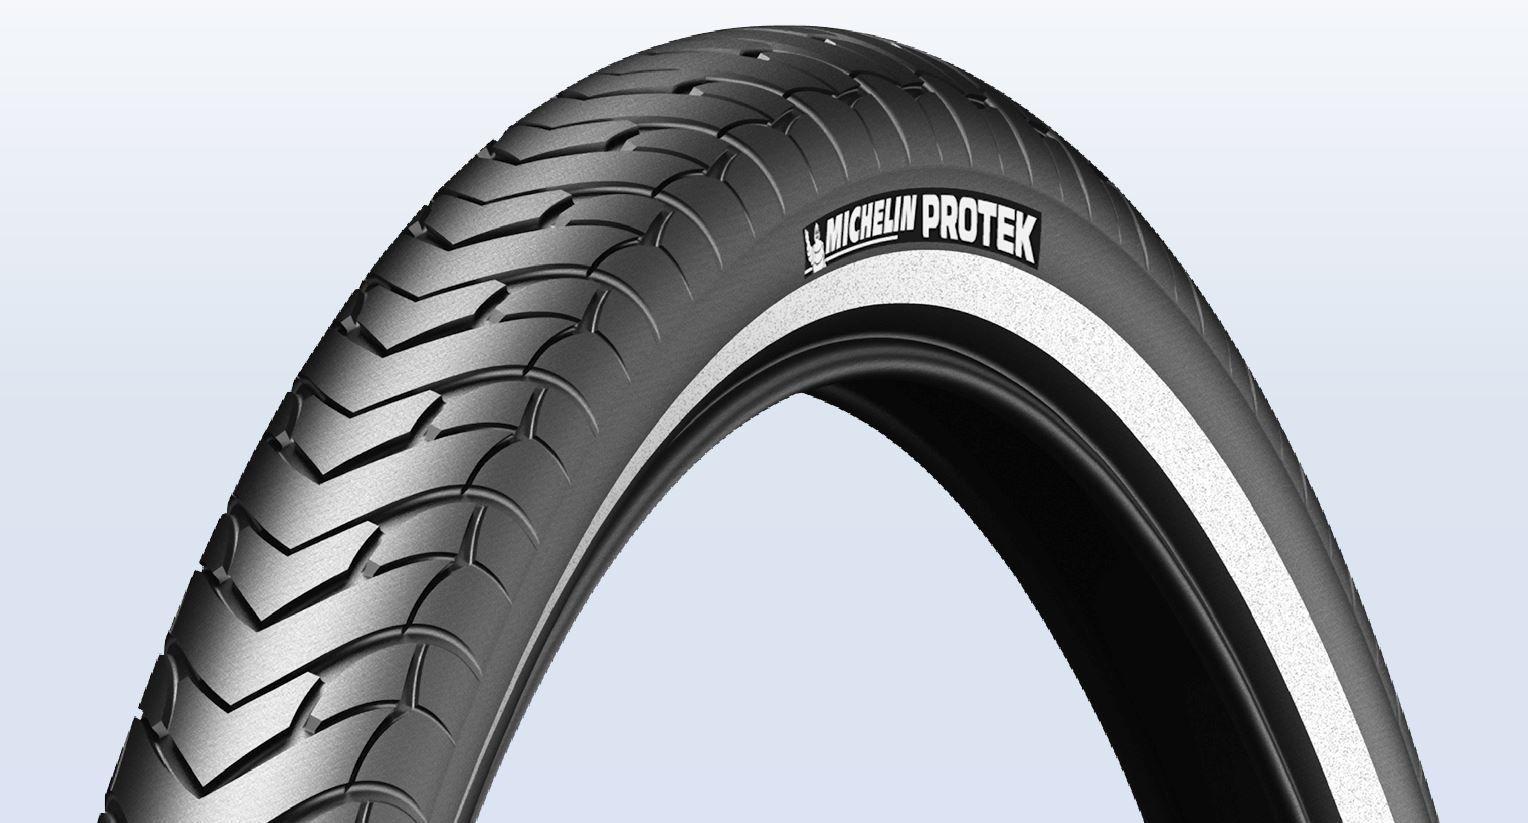 Plášť Michelin Protek 28-622 černý